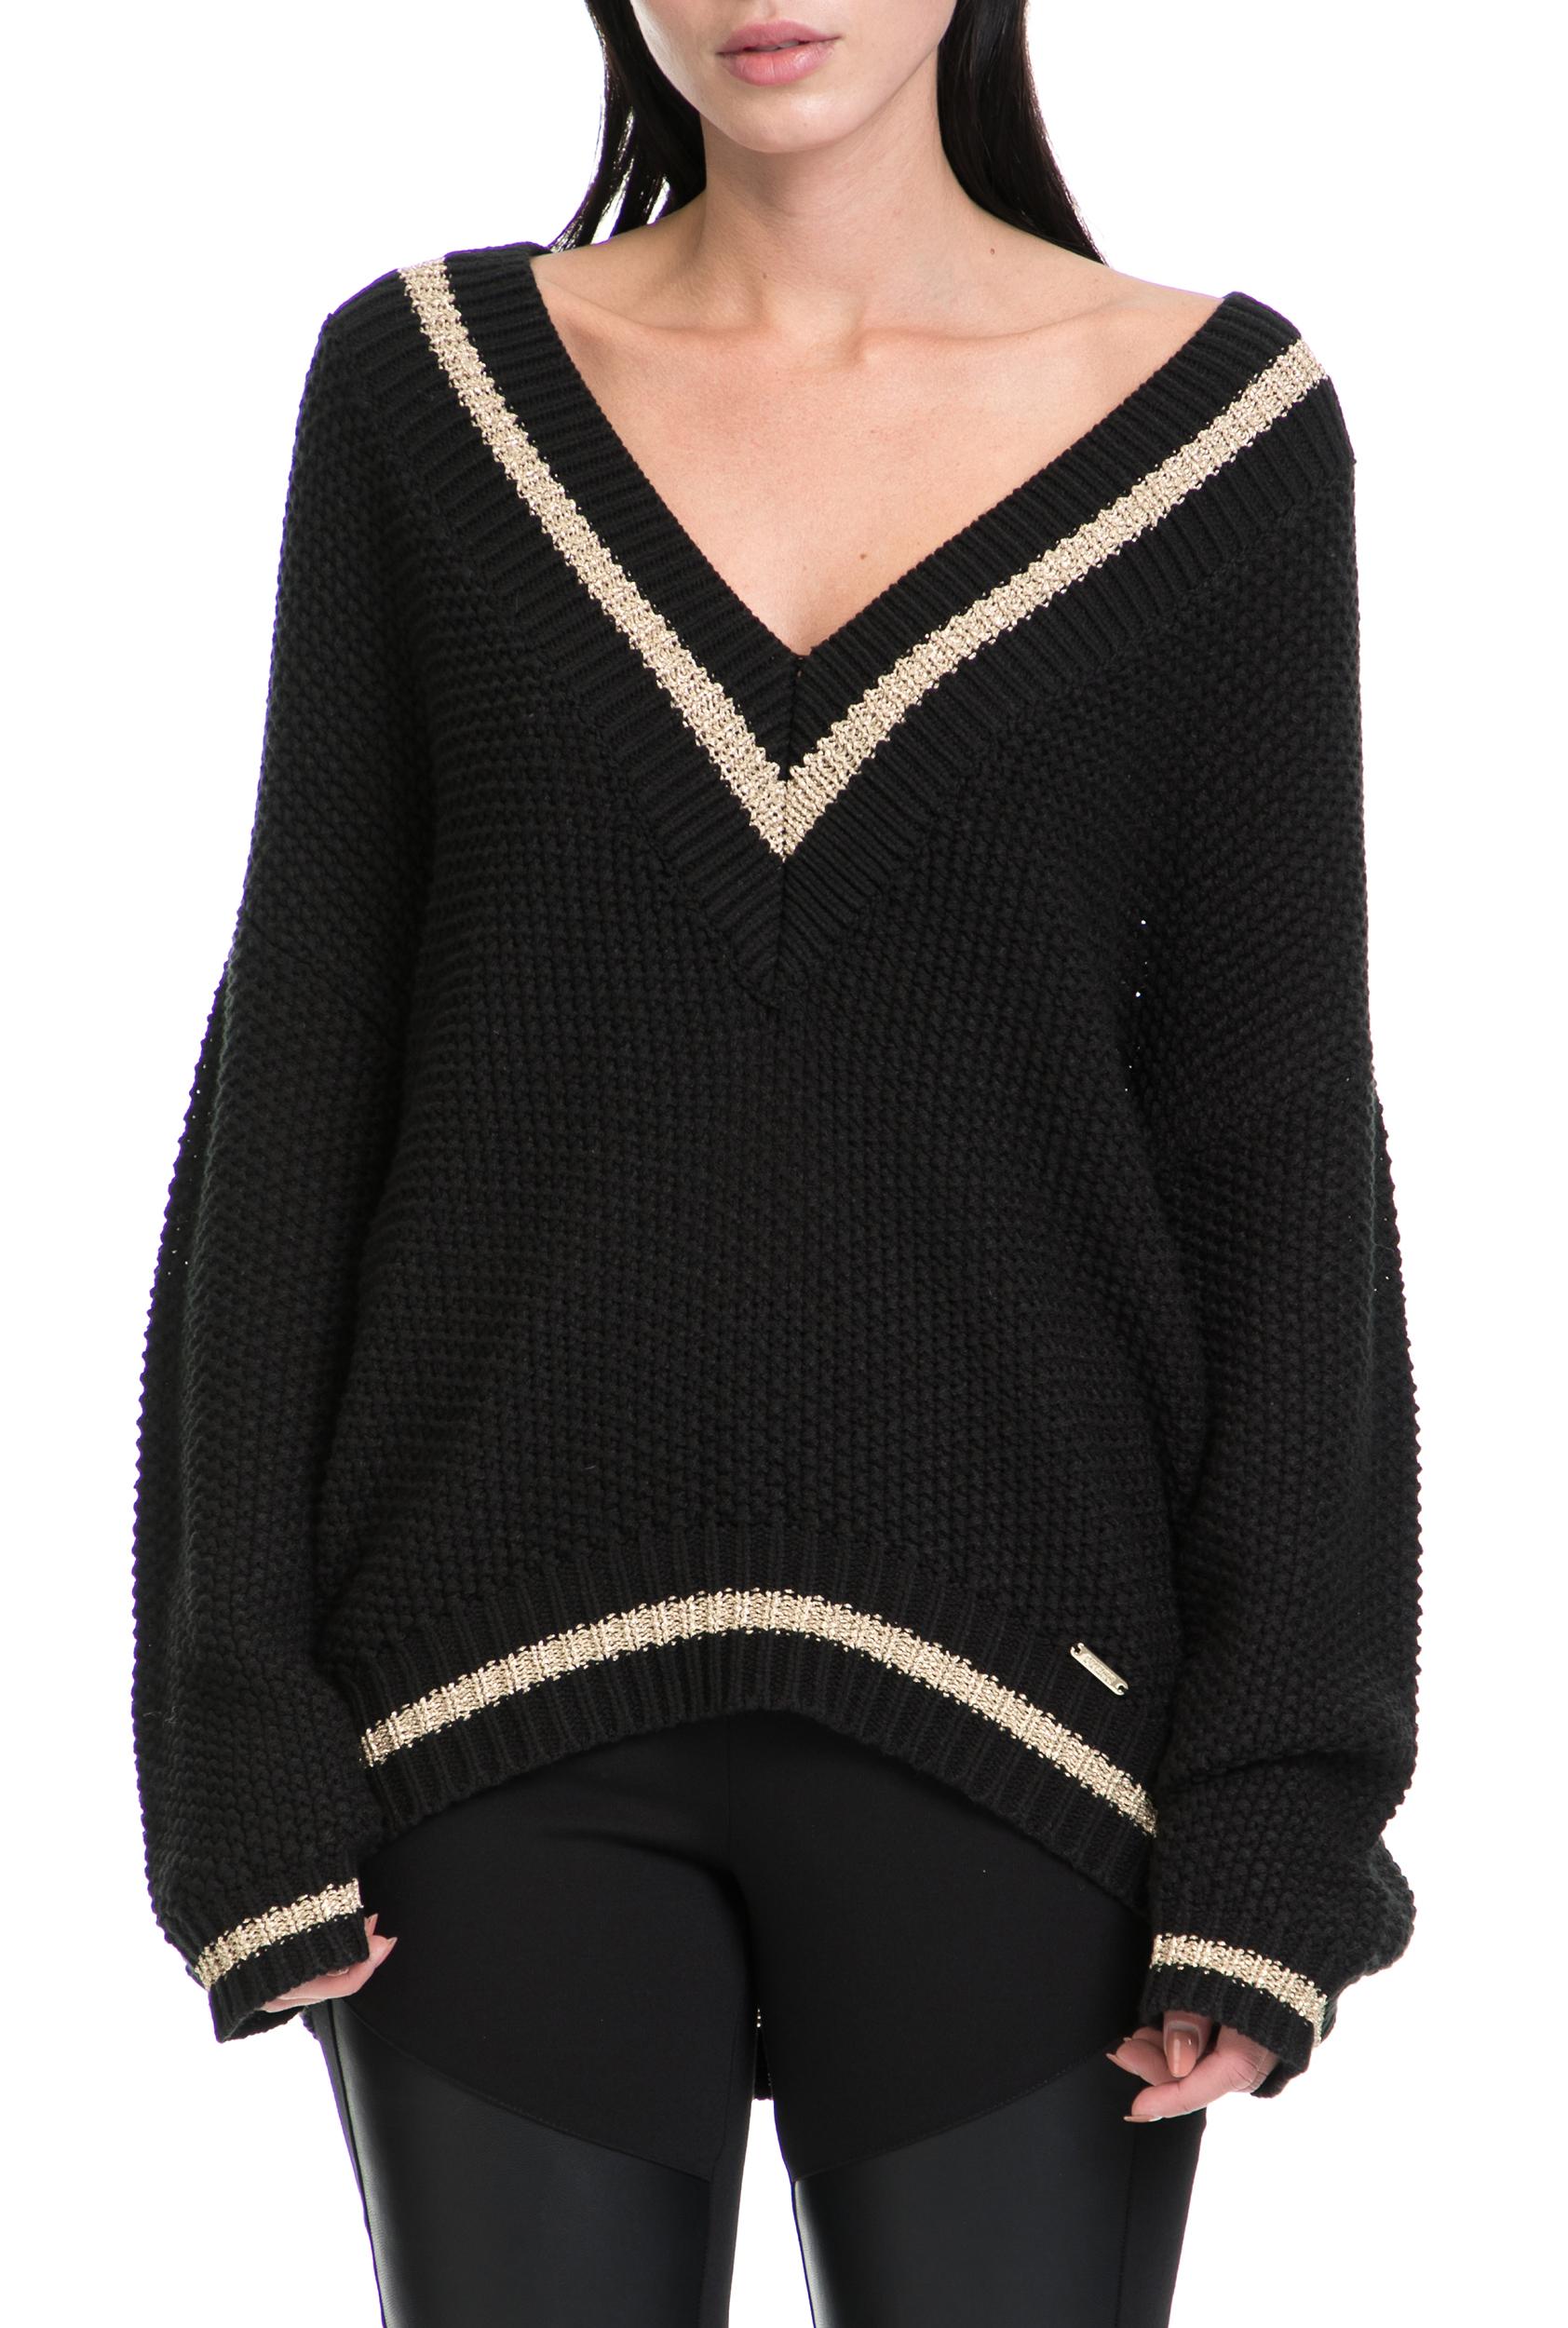 e0d003816902 Γυναικεία   Ρούχα   Πλεκτά   Πουλόβερ   Γυναικεία μπλούζα Lalli ...